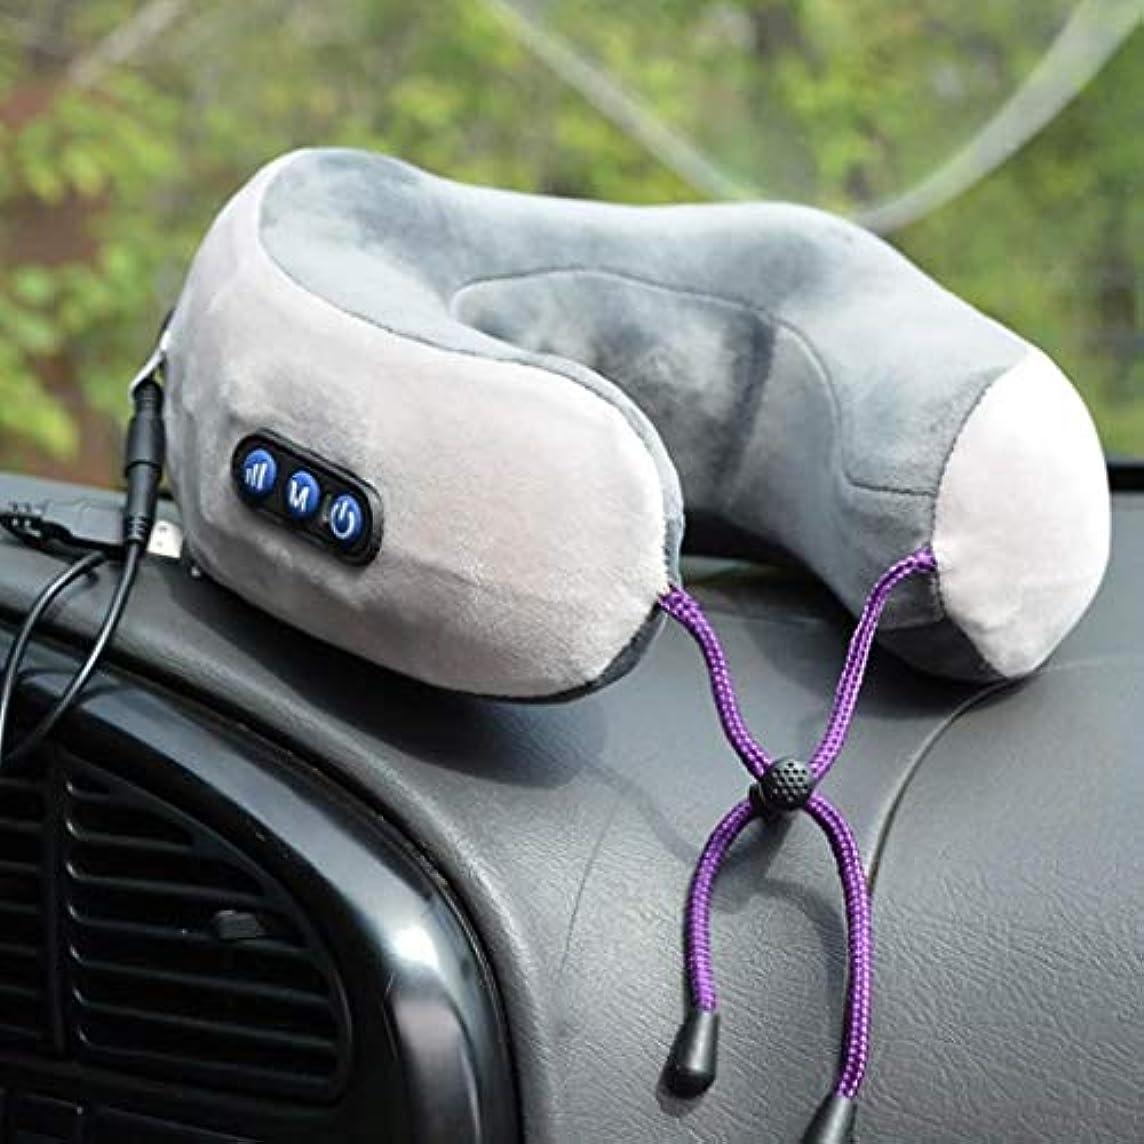 山嫌がらせ異常な頚椎U字型のマッサージ枕、多機能電気ネックケア機器、混練マッサージ頚椎頚椎枕、充電、血液の循環を促進 (Color : A)